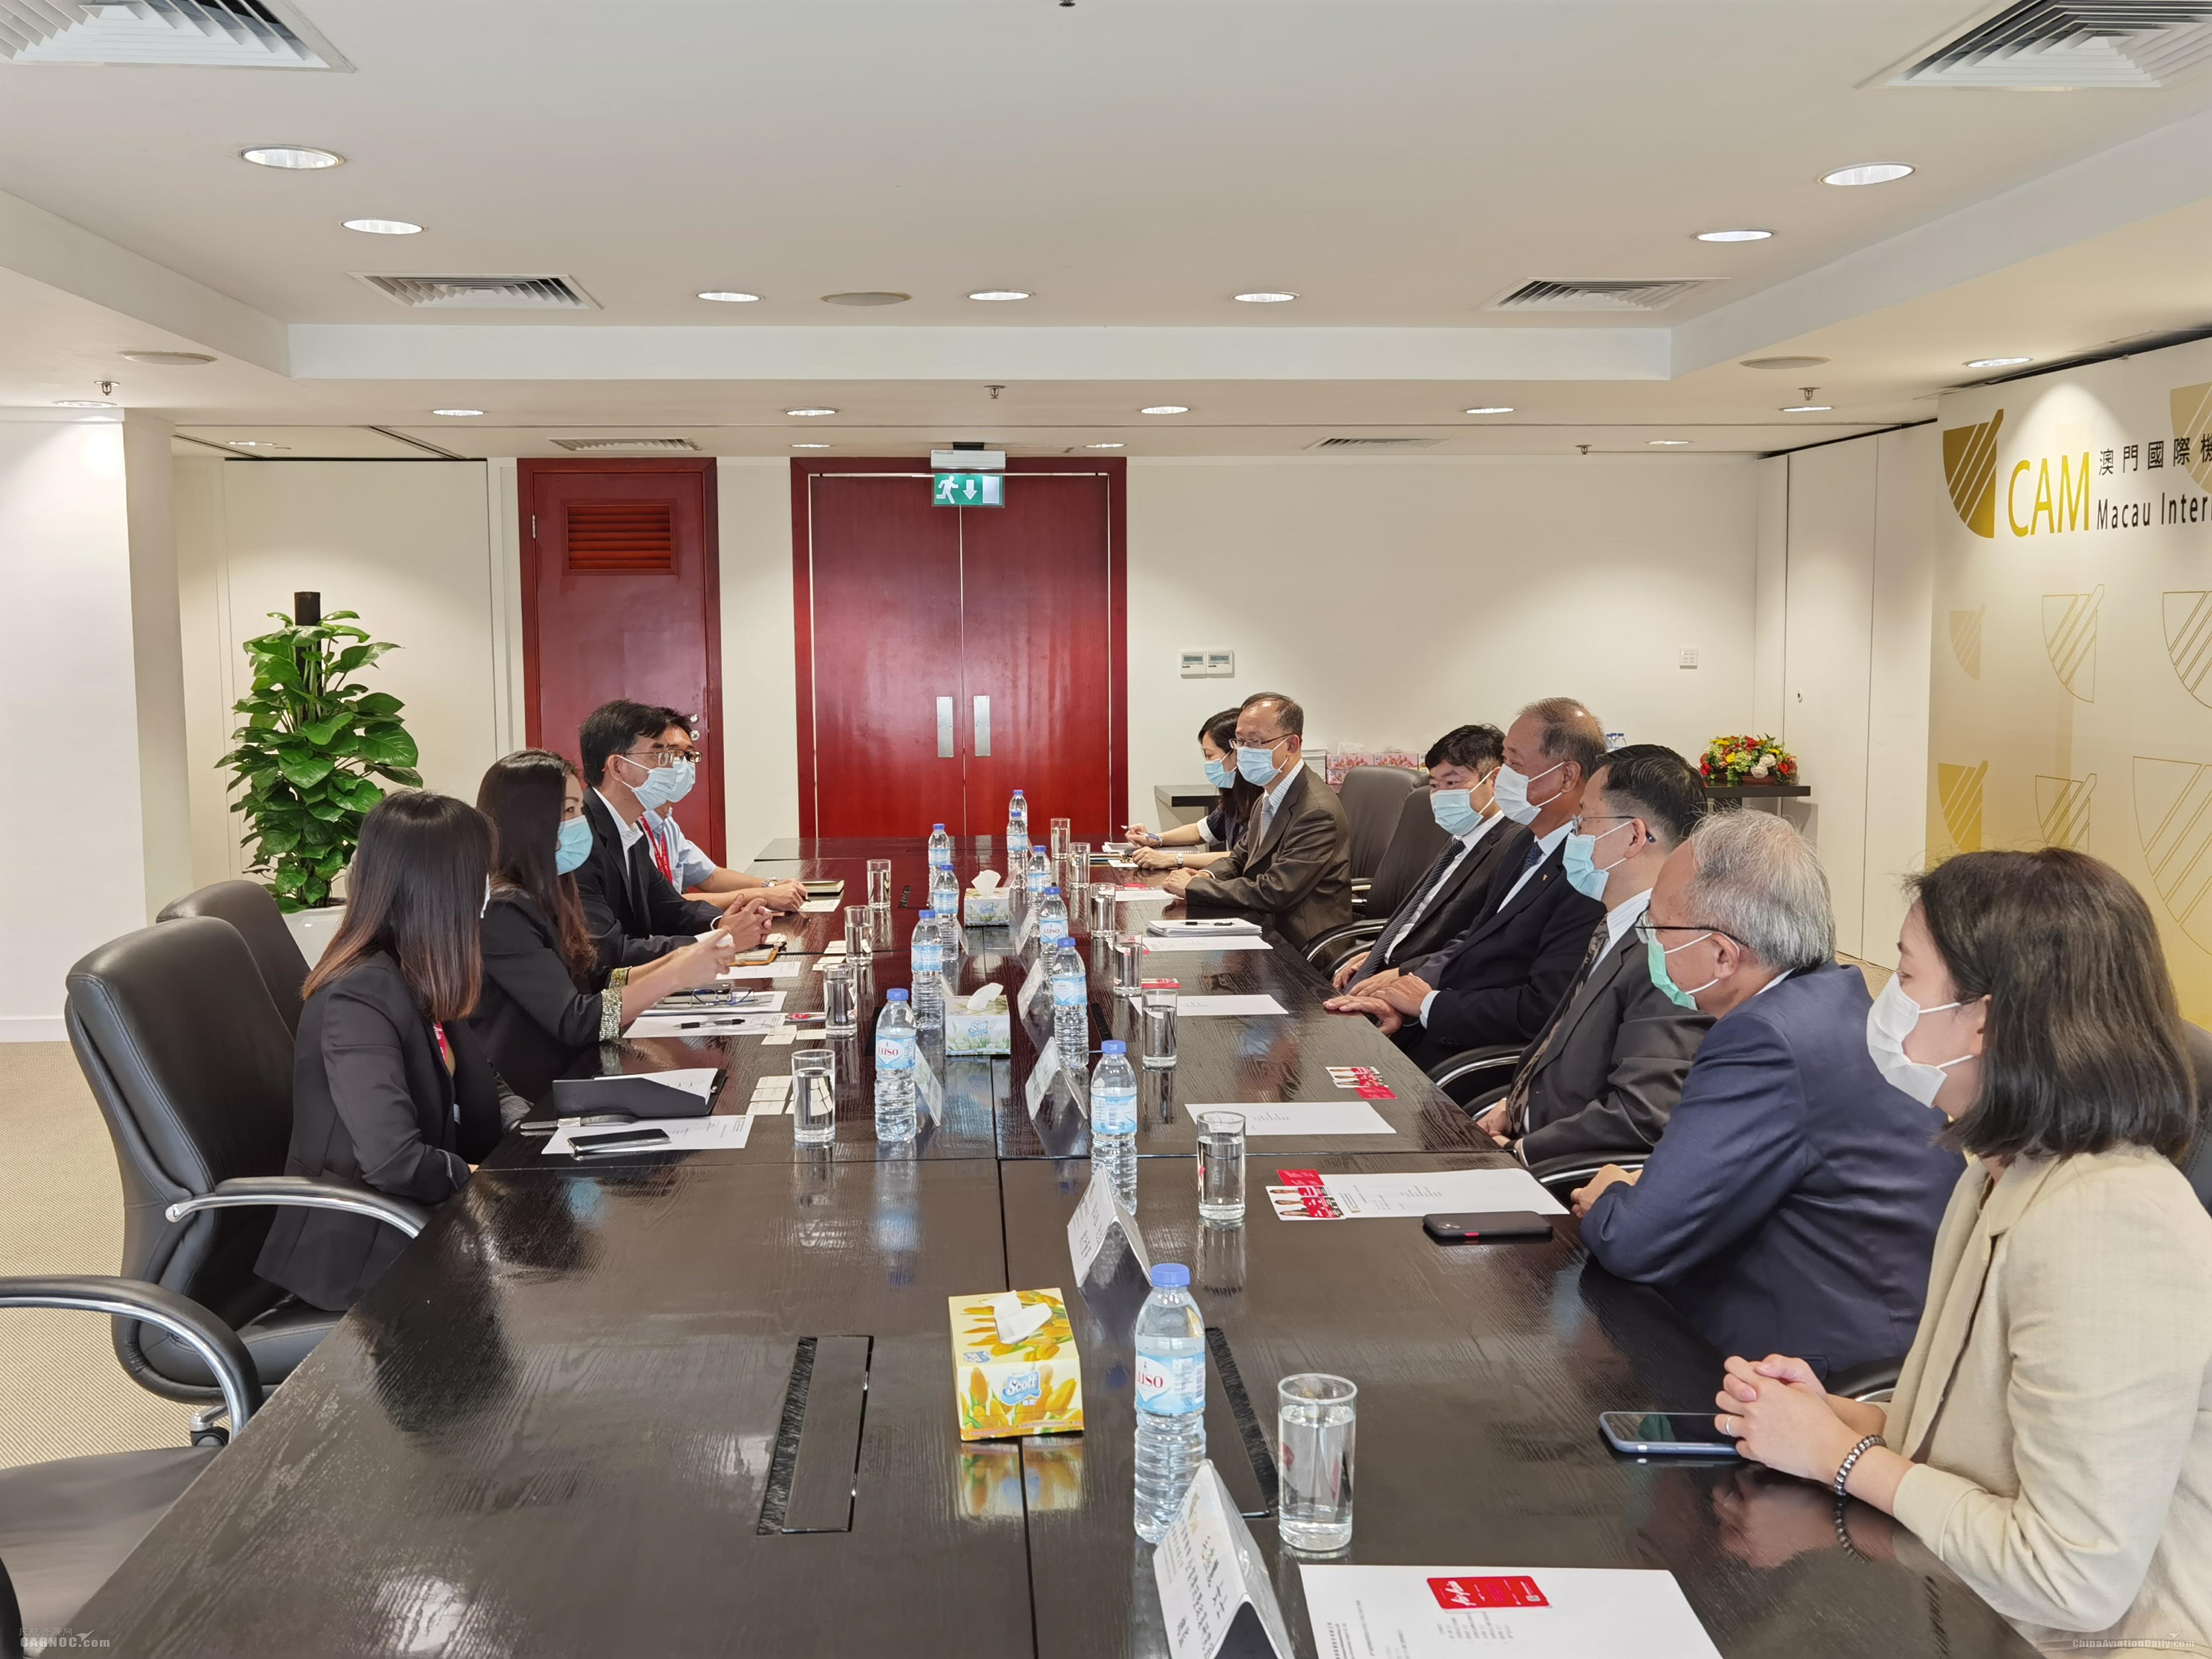 澳门机场执行委员会成员与亚航港澳地区行政总裁一行会面